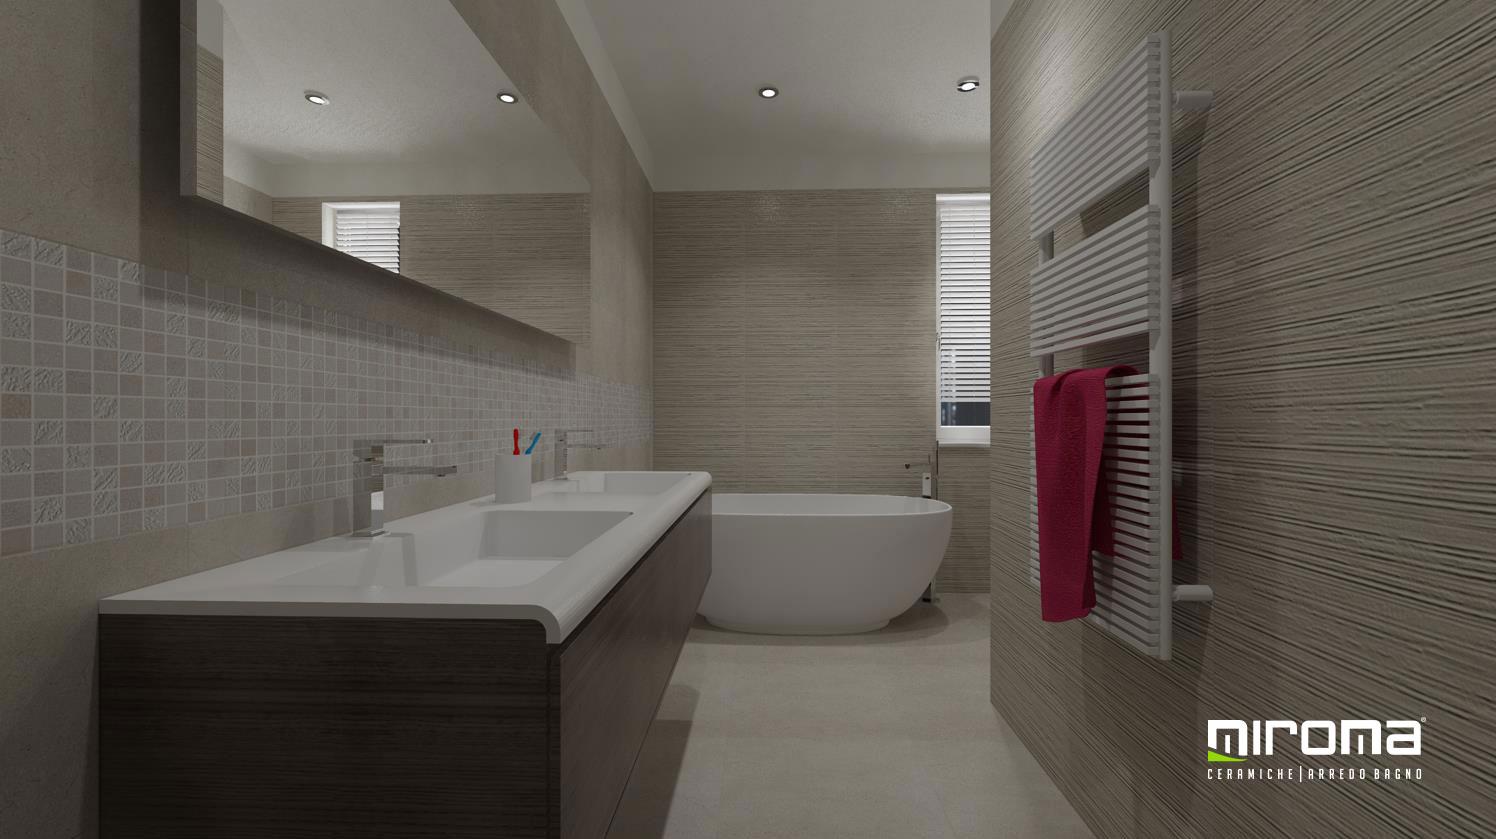 Progetto bagno pavimento e rivestimento fap ceramiche miroma ceramiche - Pavimento e rivestimento bagno uguale ...